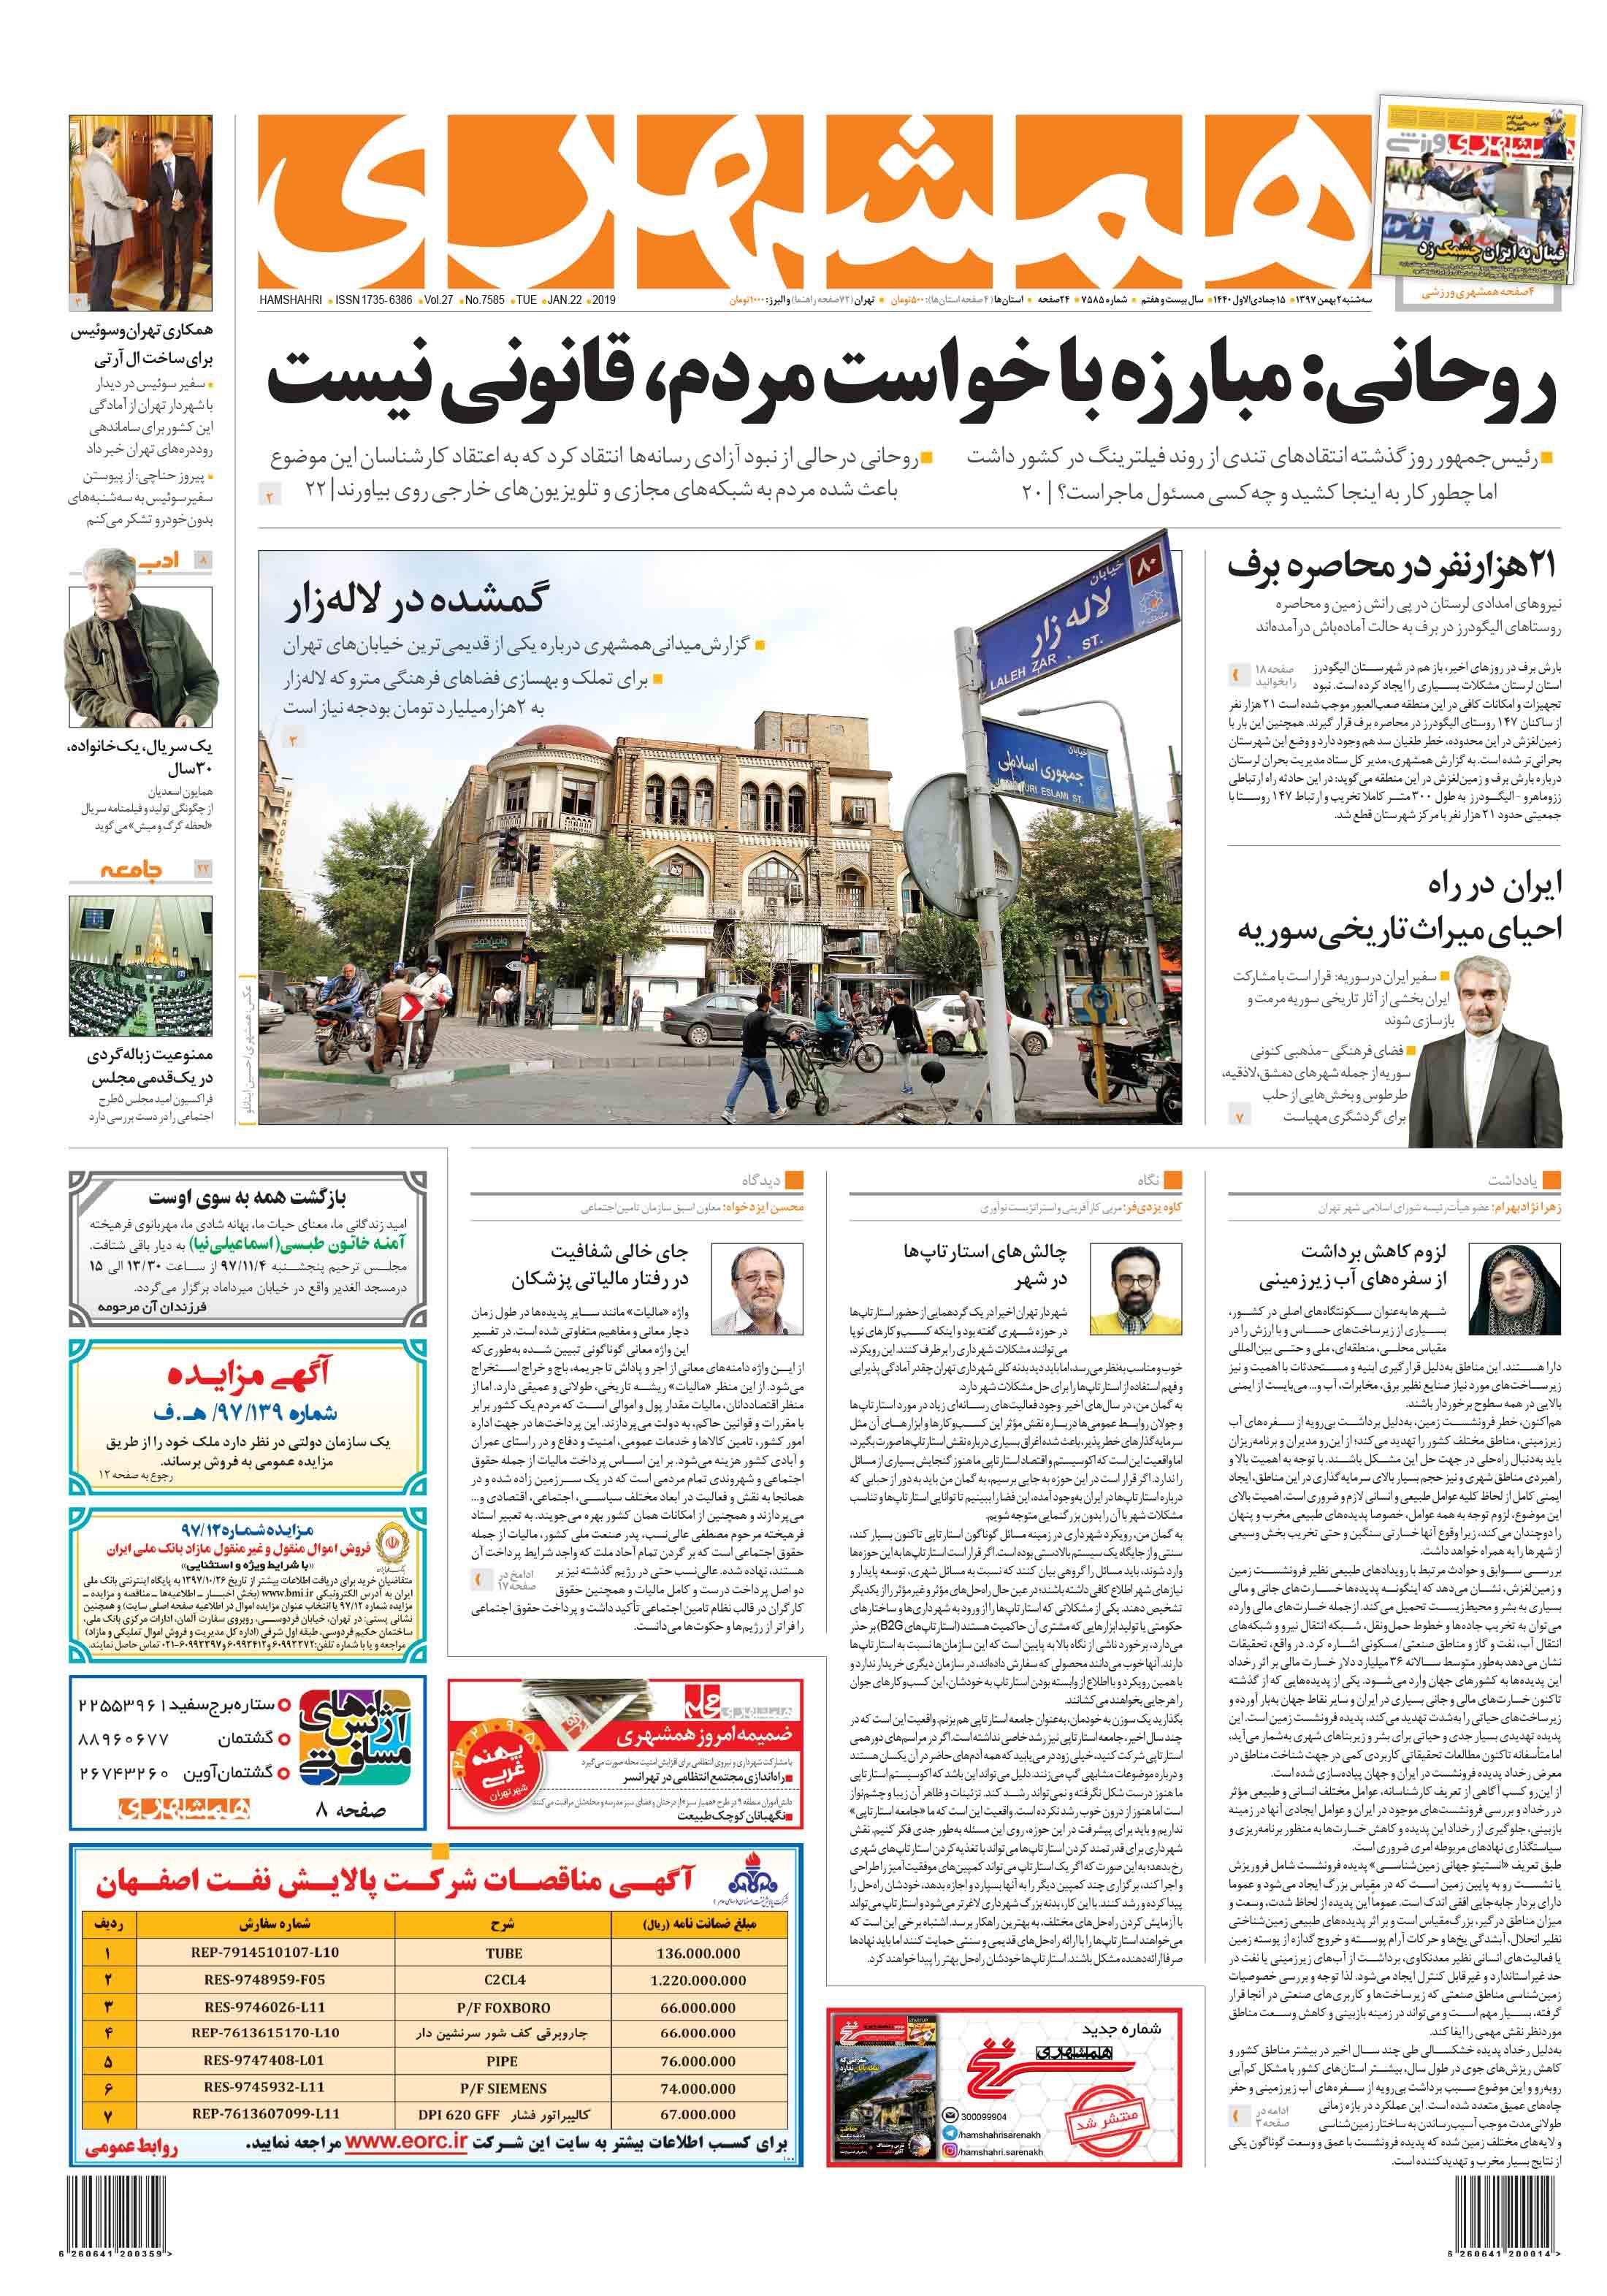 صفحه اول سهشنبه 2 بهمن 1397